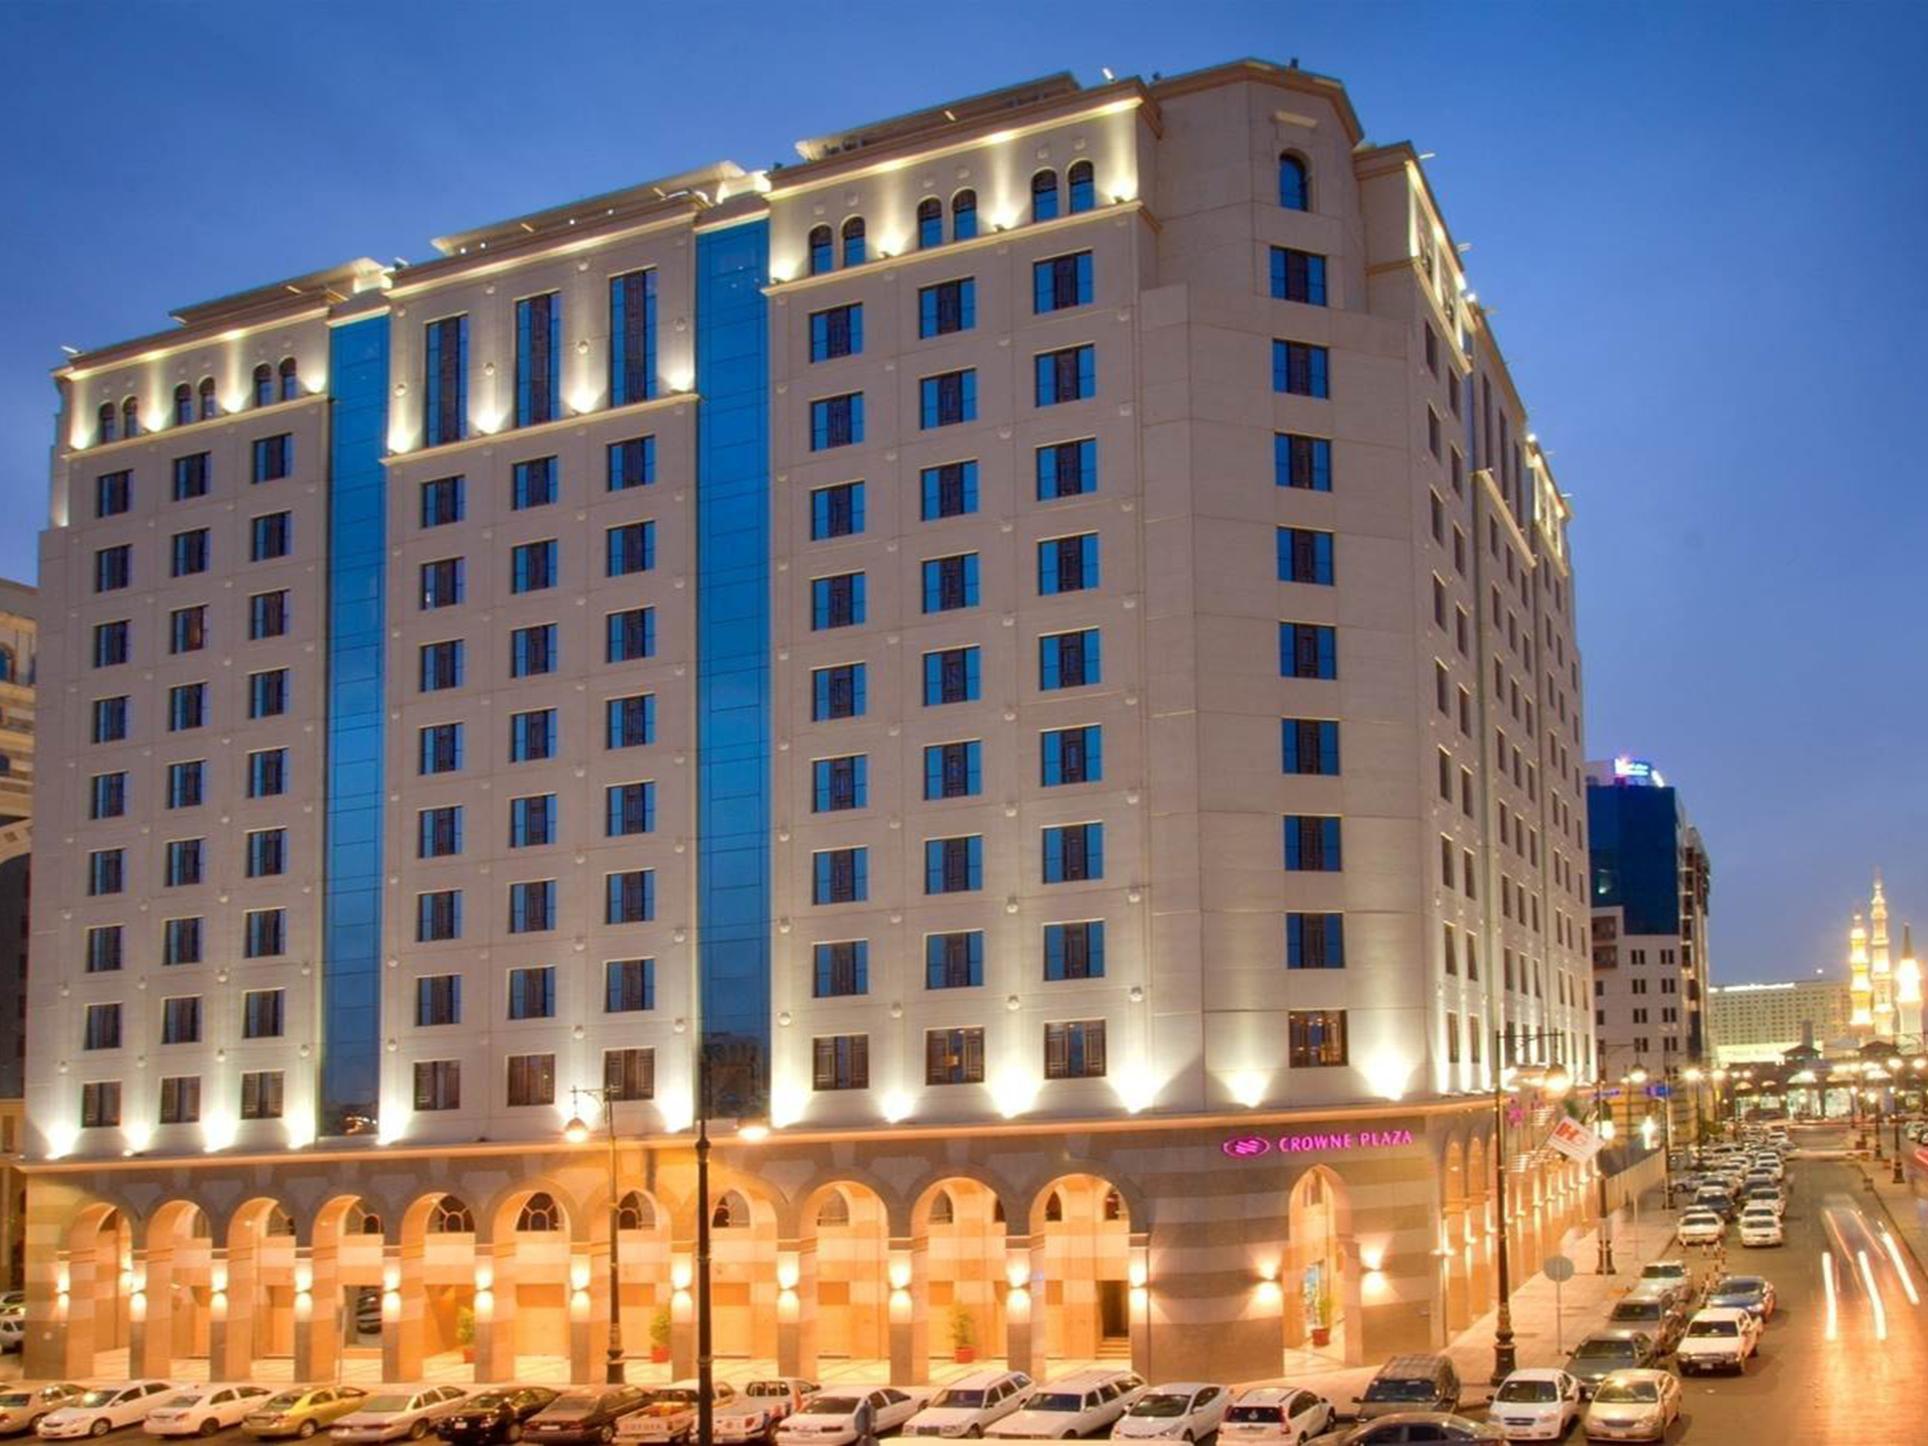 Hotel In Medina Saudi Arabia